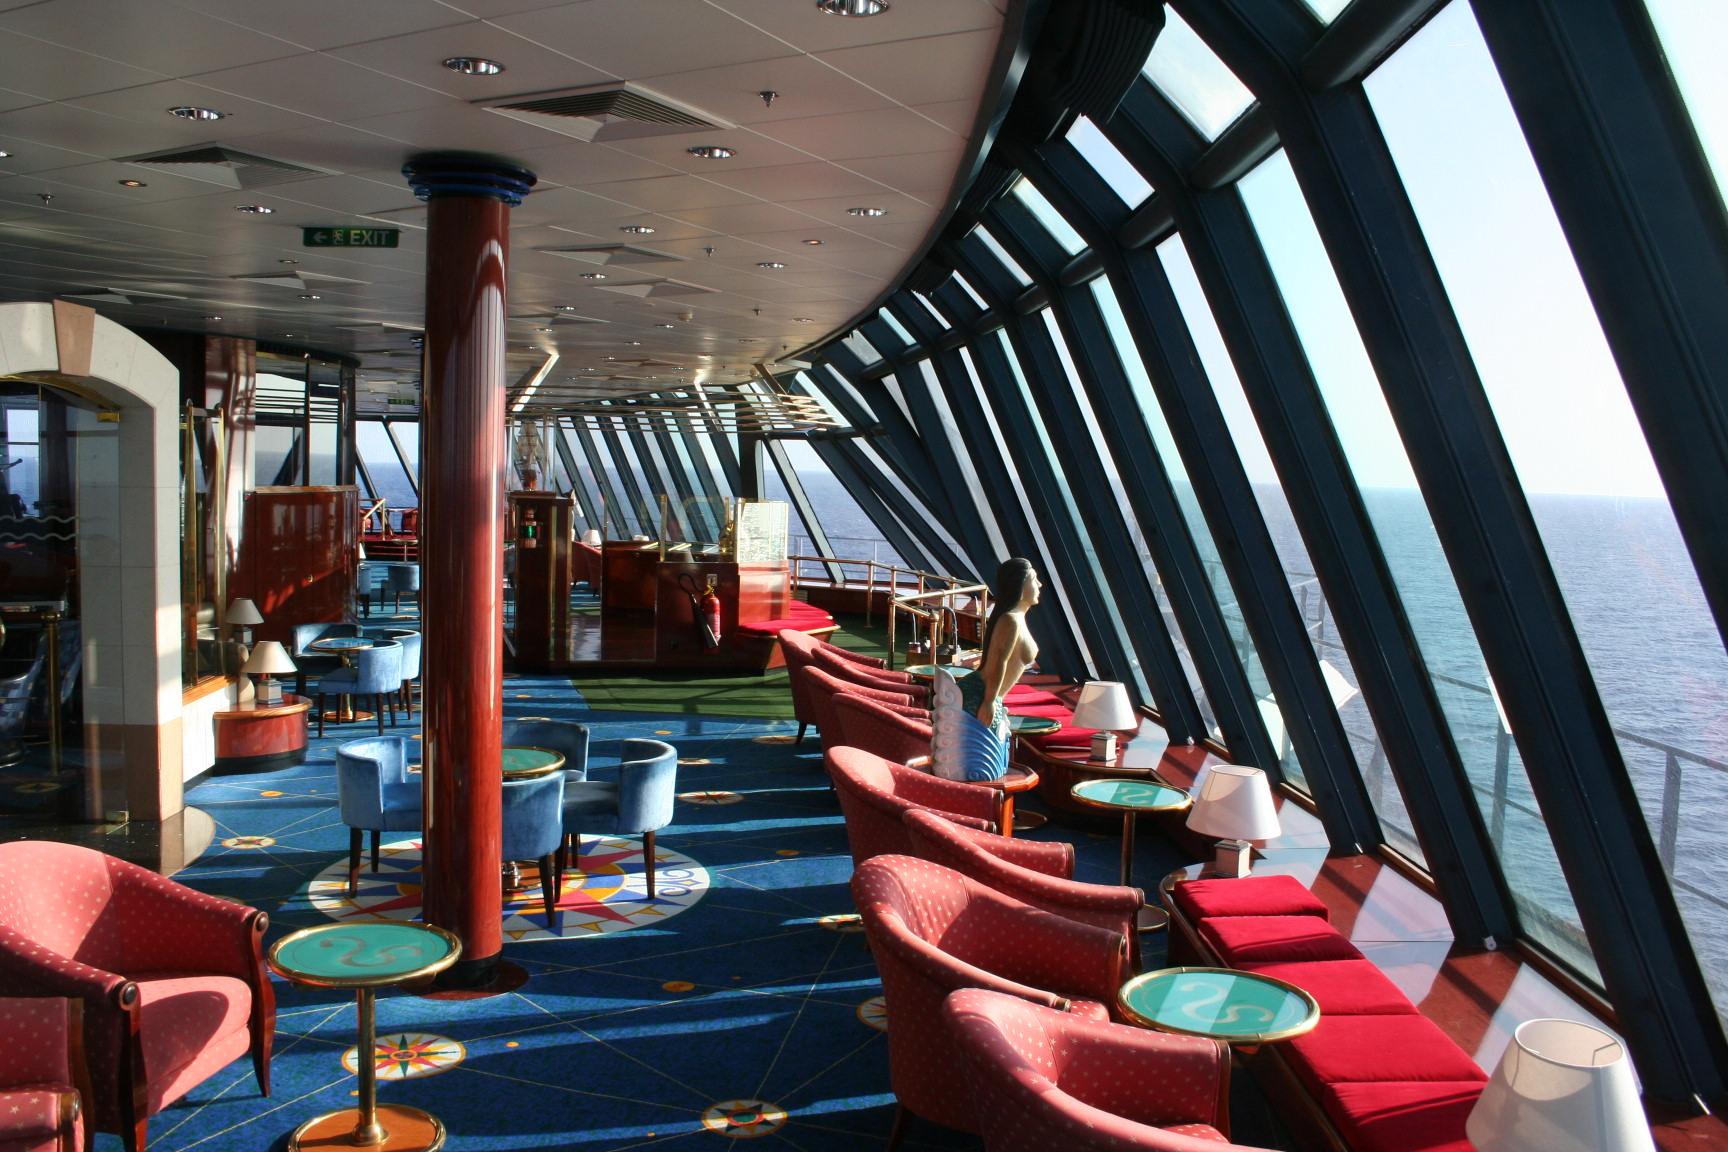 Summer 2014 Mediterranean Cruise Norwegian Norwegian Spirit Cruise Review